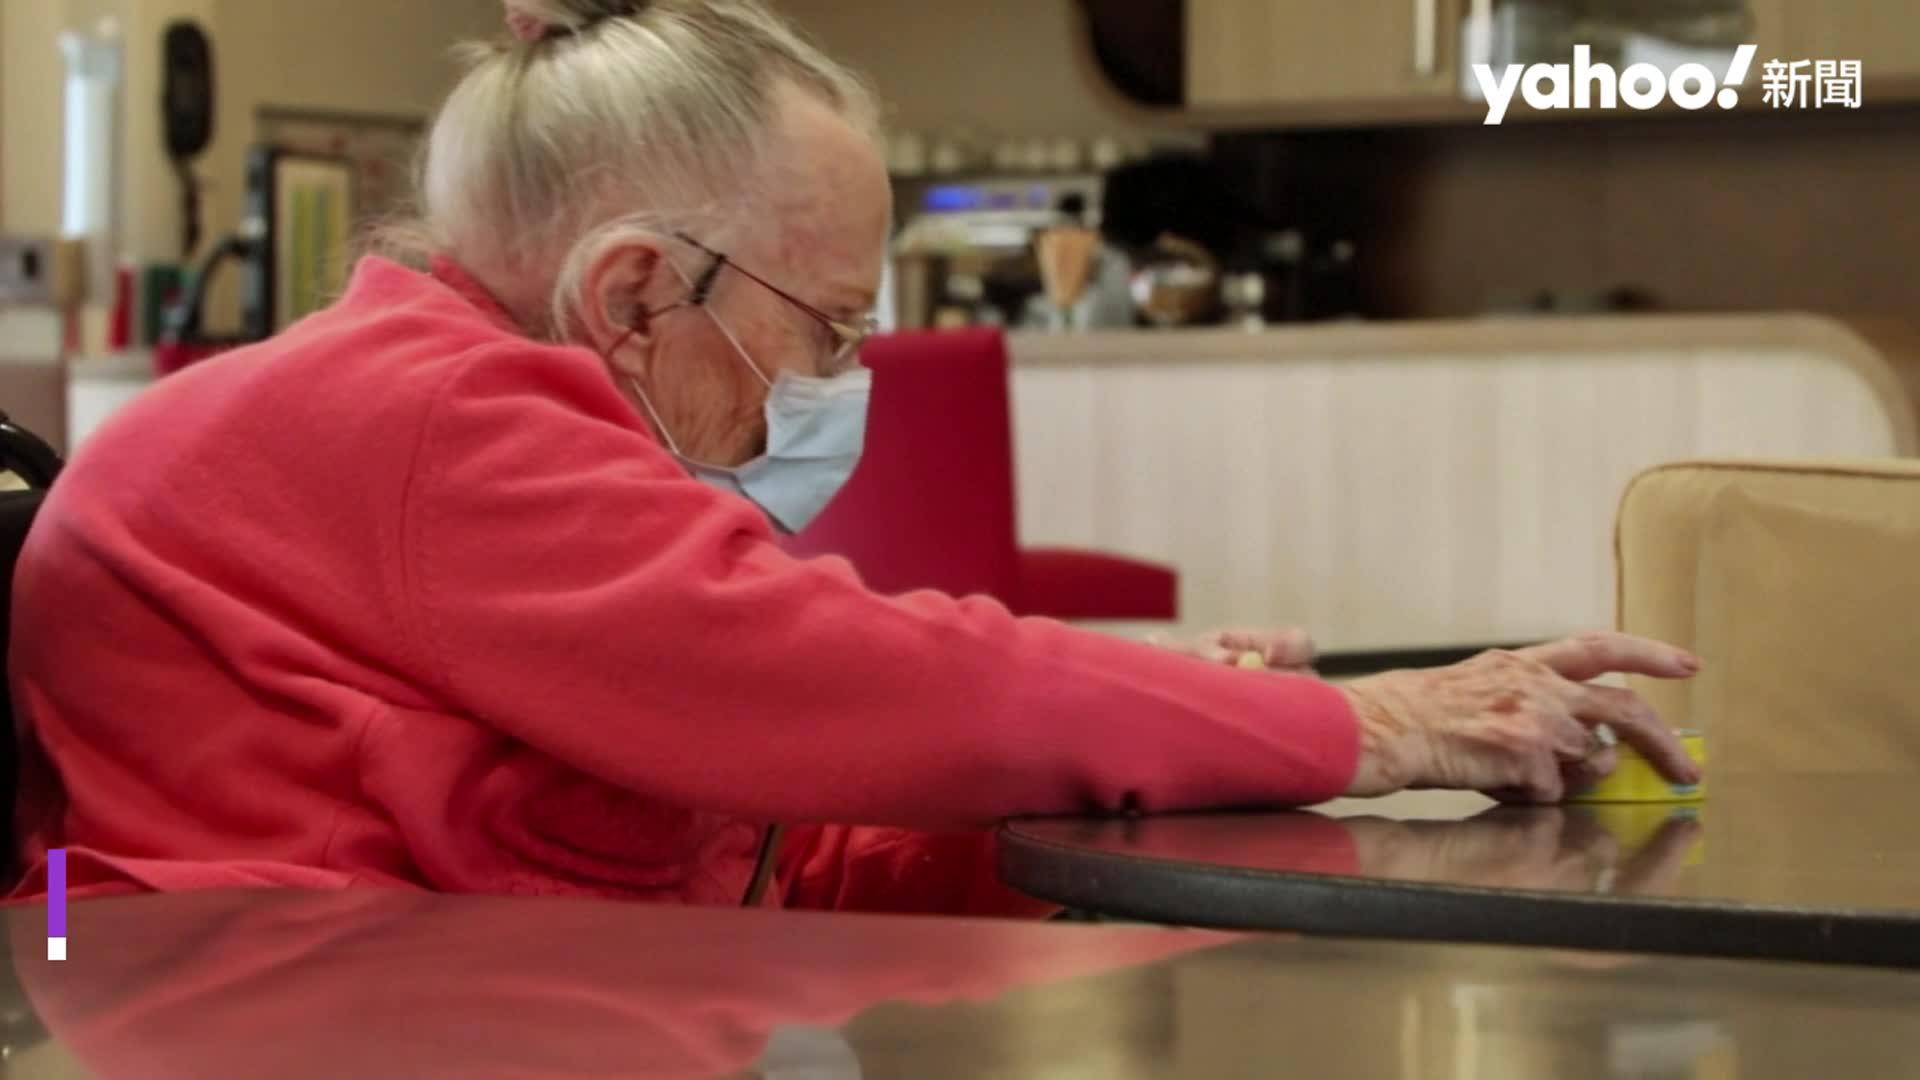 20歲與98歲的相遇 疫情之下的意外友情 英大學推陪老人聊天學外語